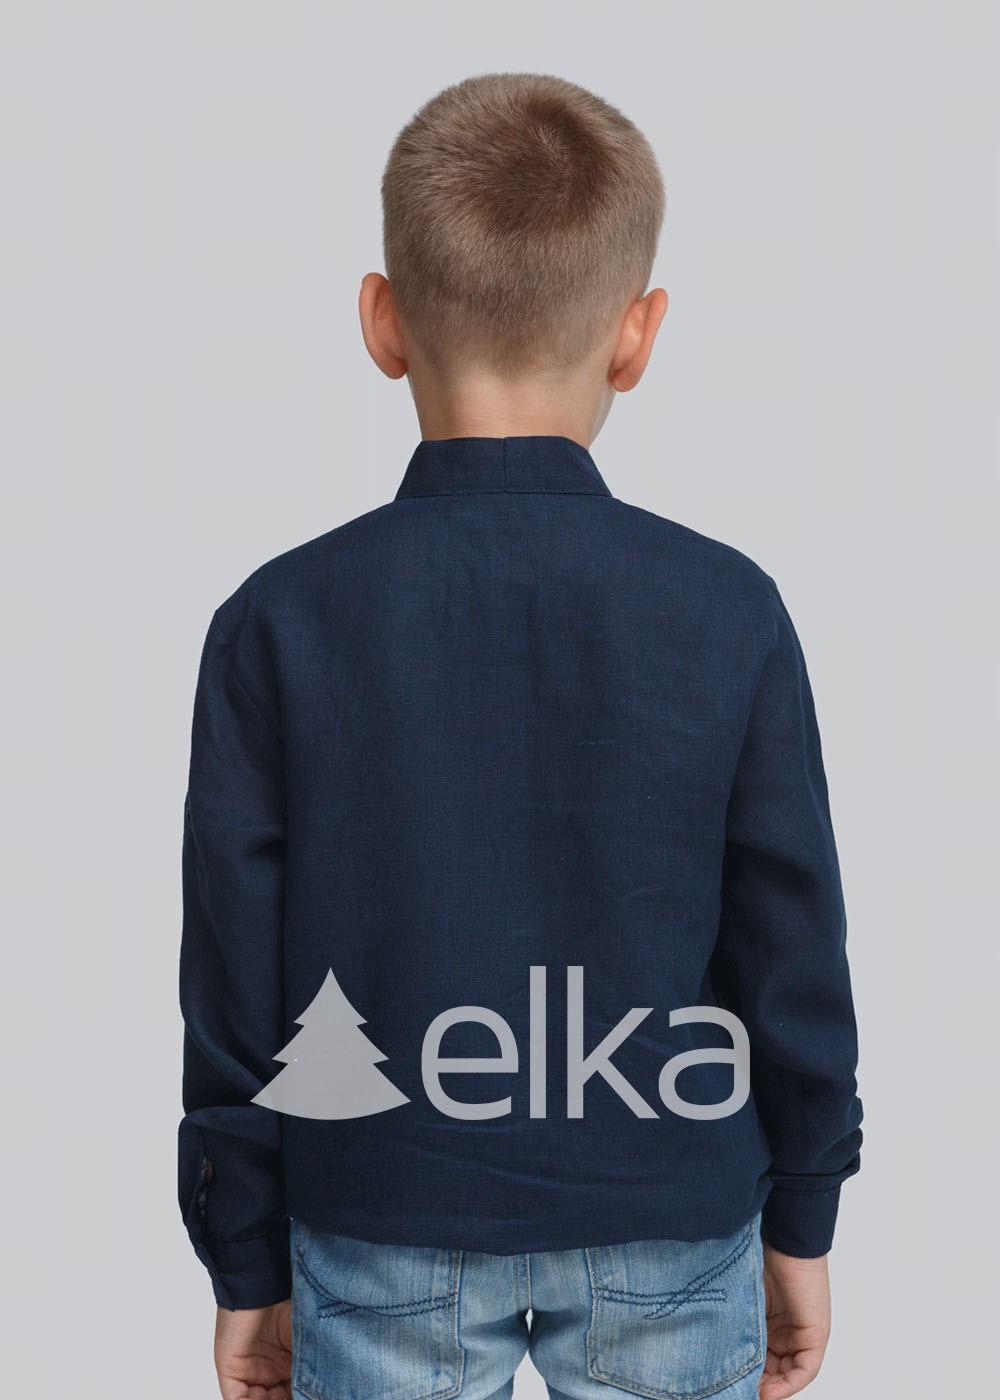 Детская вышиванка для мальчика Троица